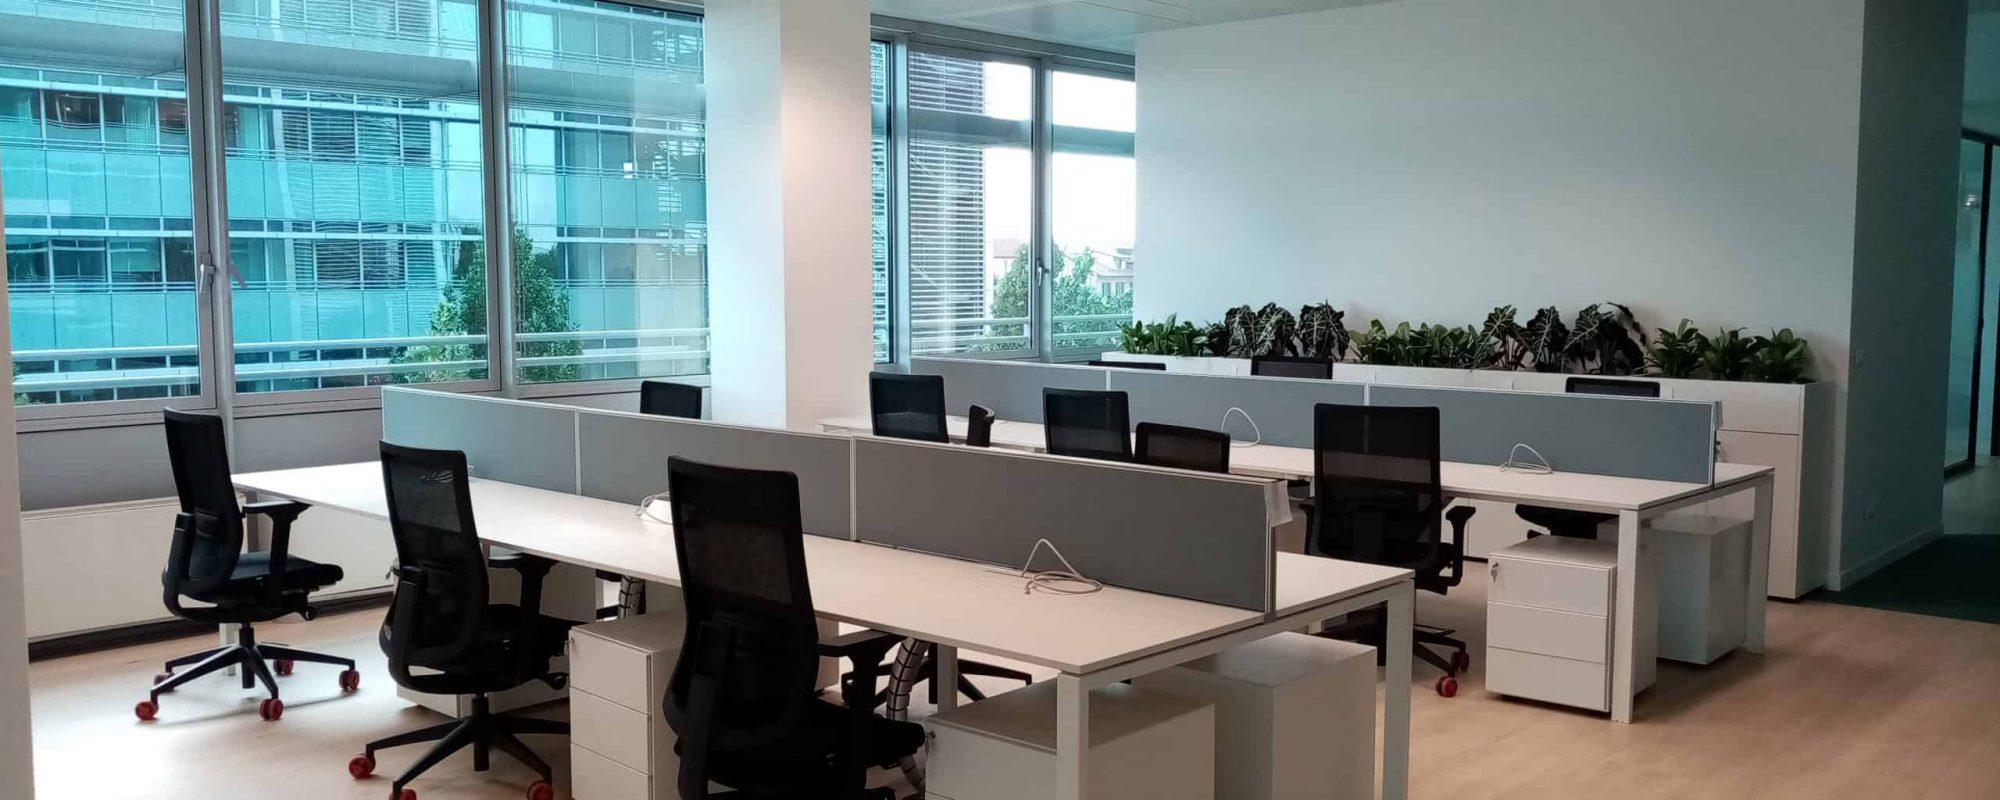 Preventivo ristrutturazioni uffici Milano